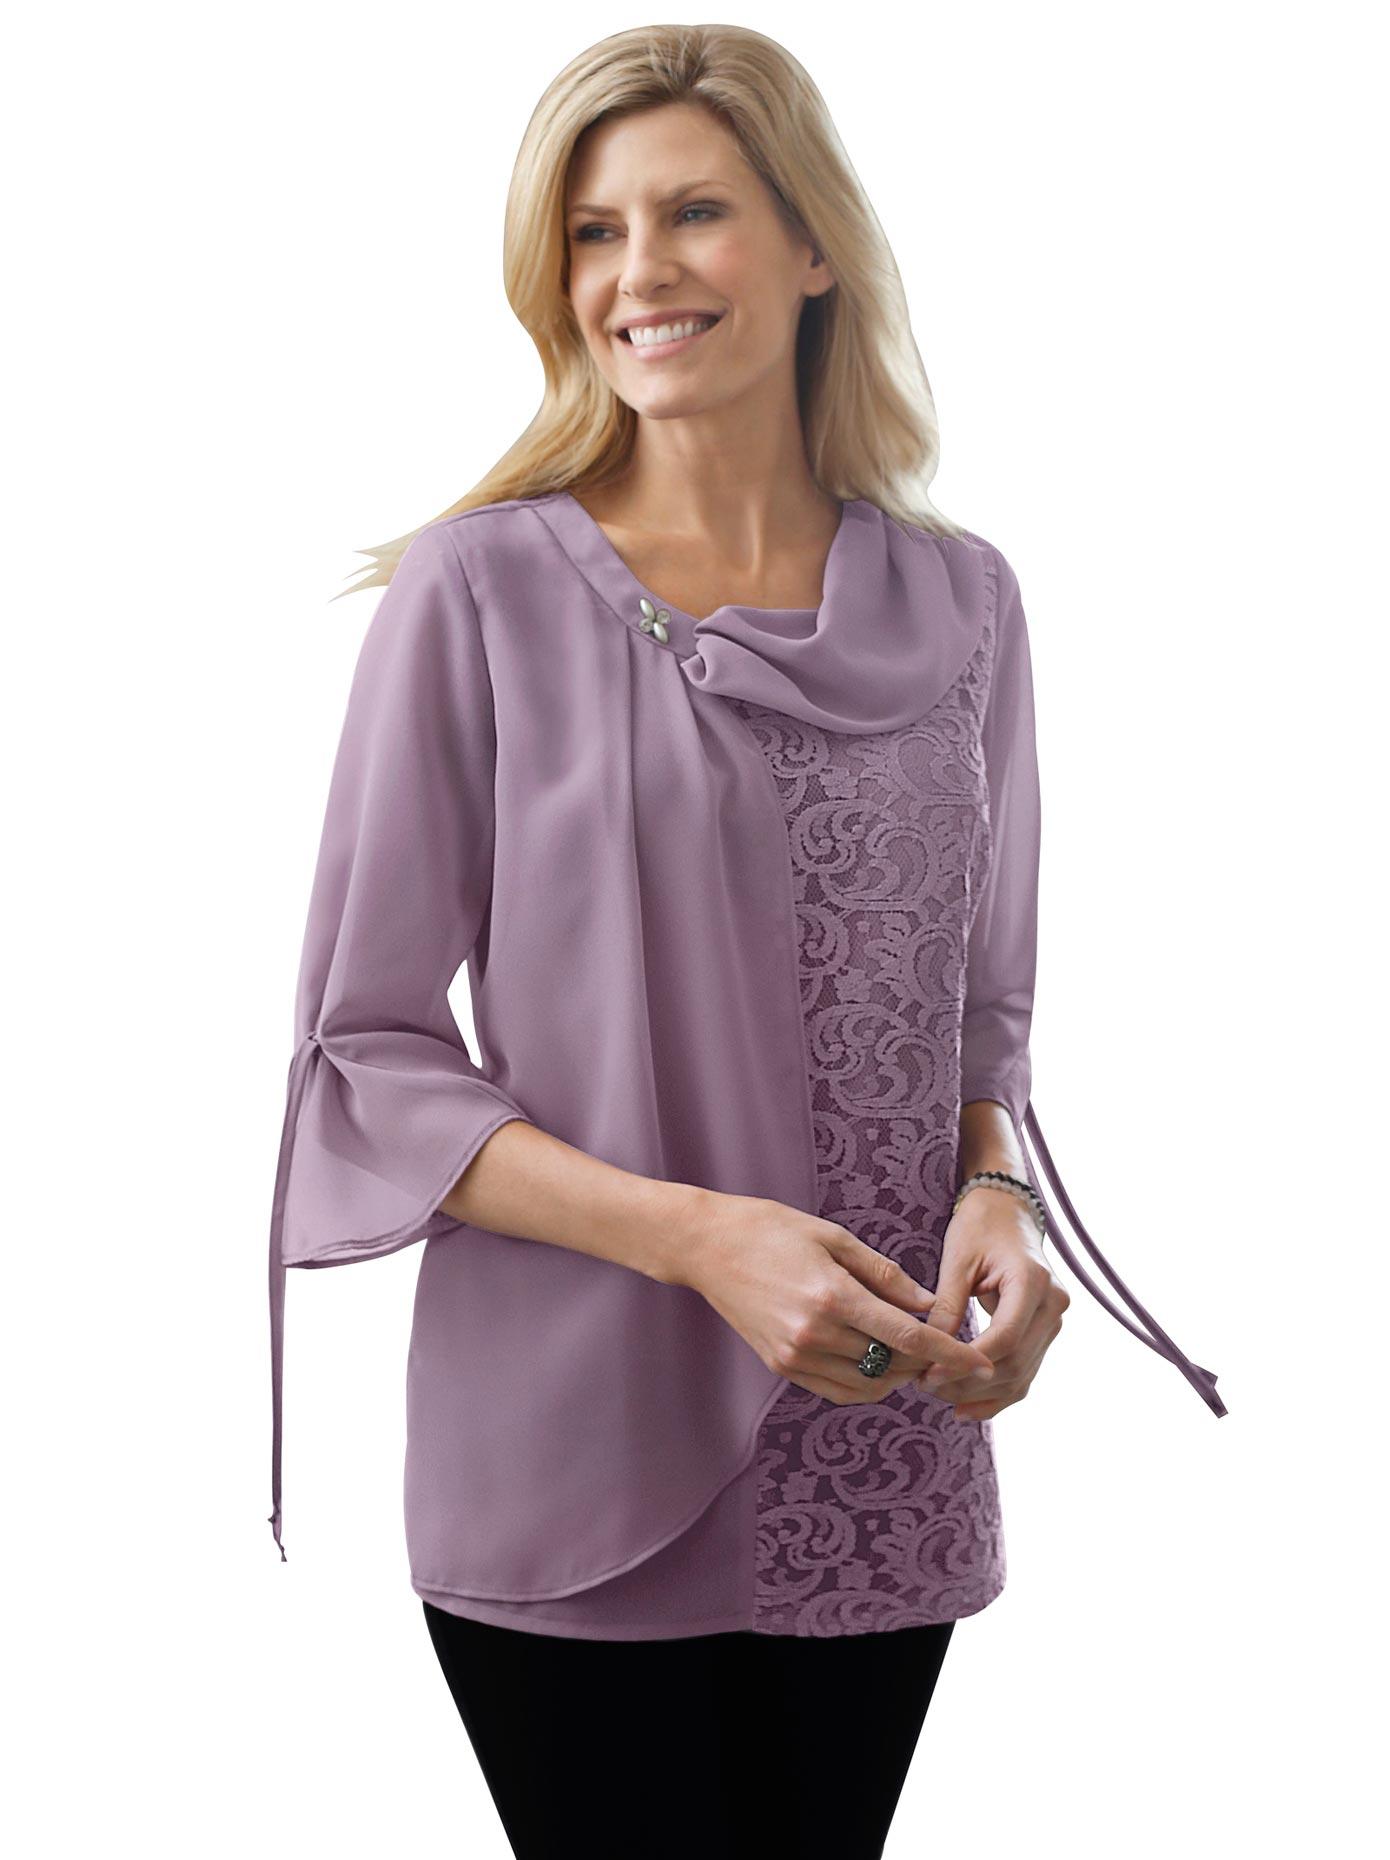 Classic Basics Bluse mit abnehmbarer Schmuck-Applikation am Ausschnitt